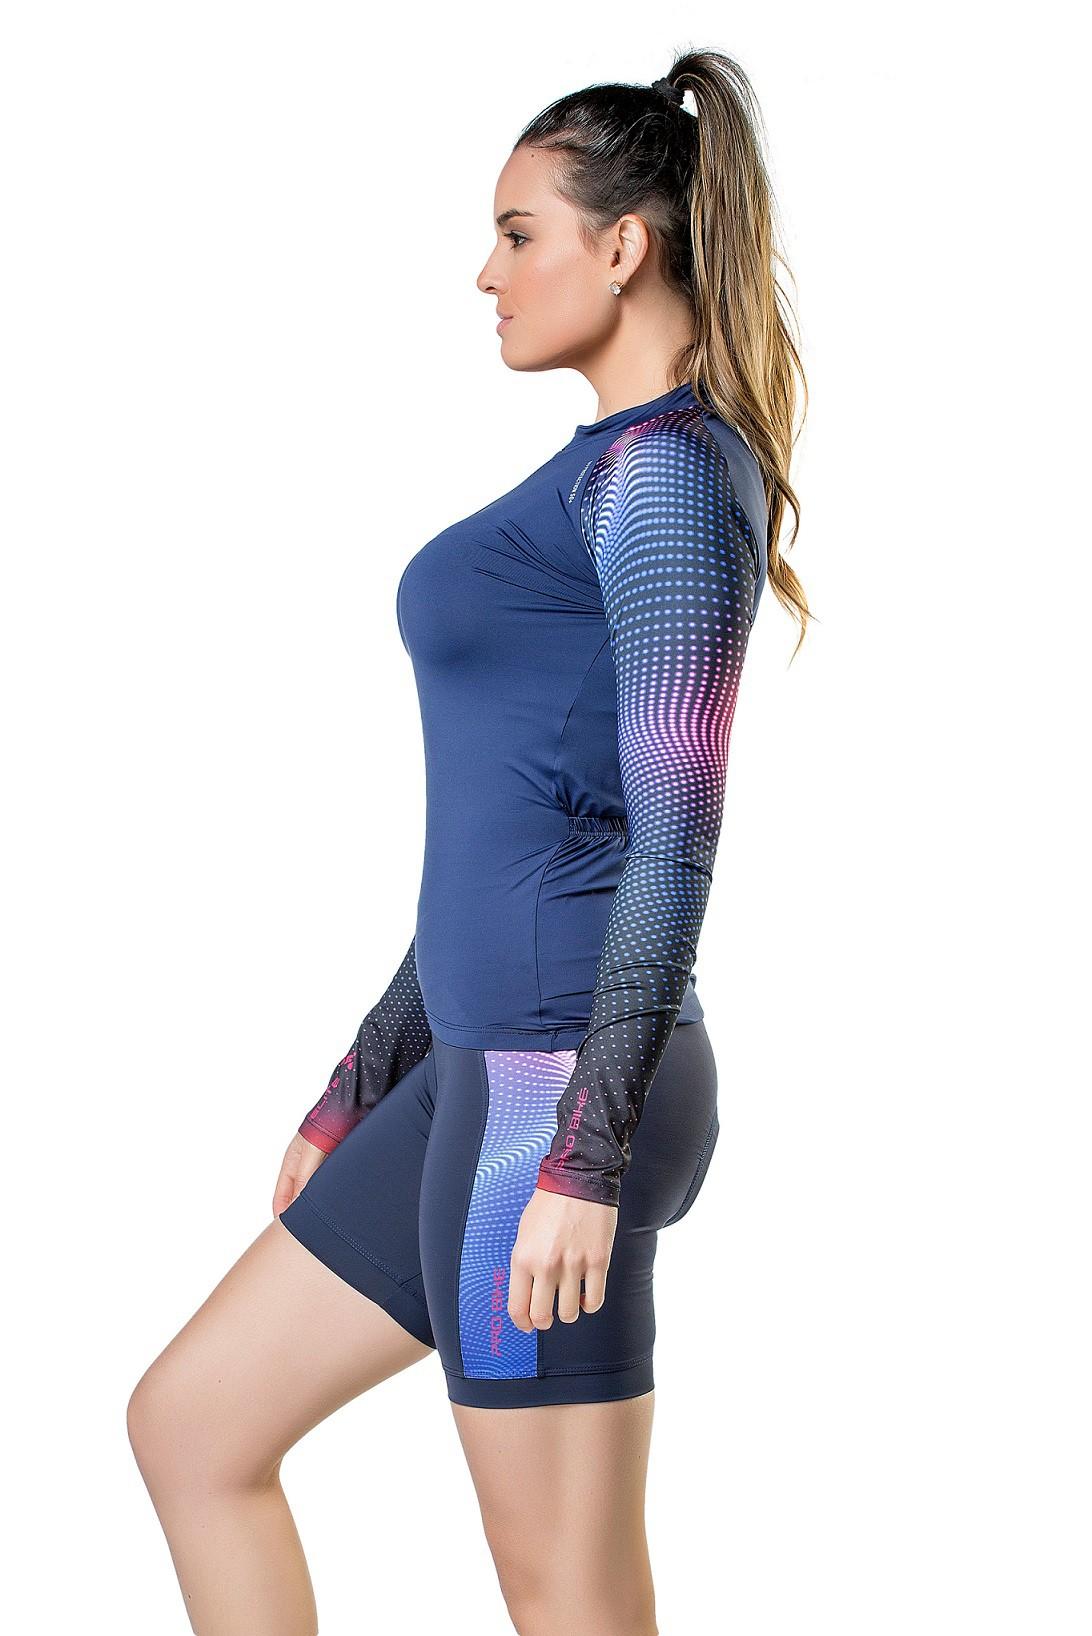 Camisa/ Blusa Para Ciclismo Special Feminina Elite Marinho